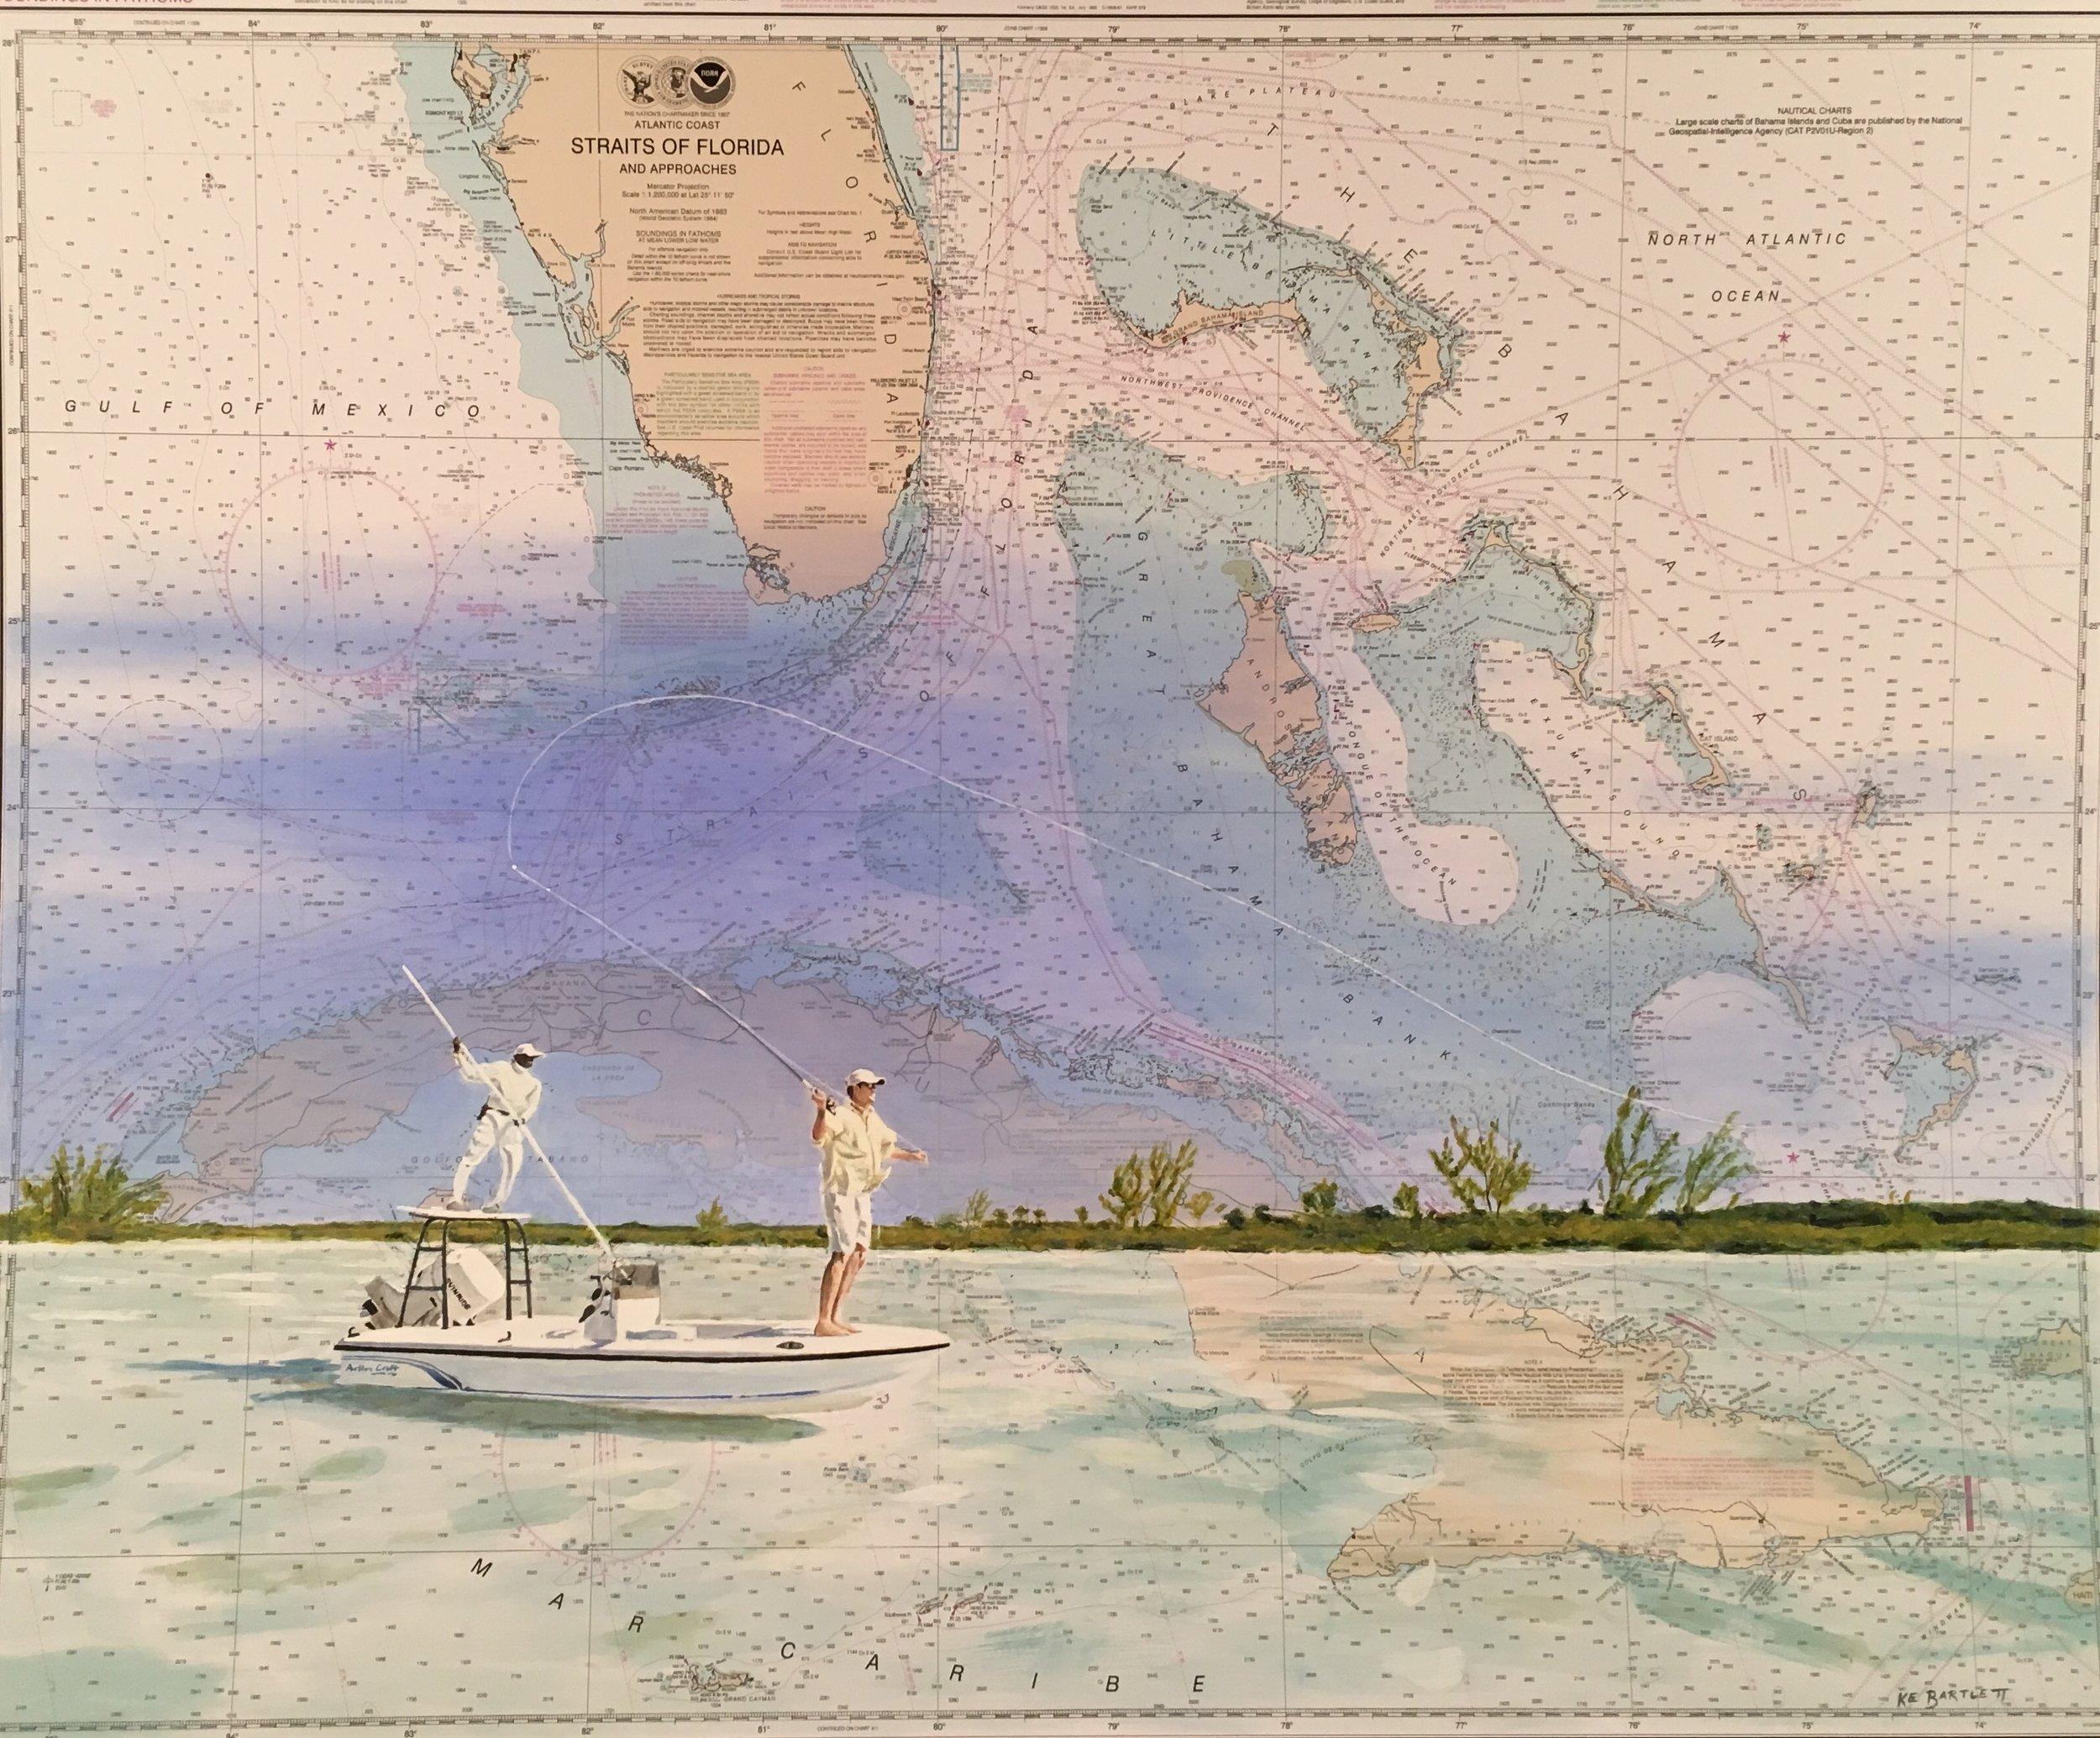 Florida Flyfishing